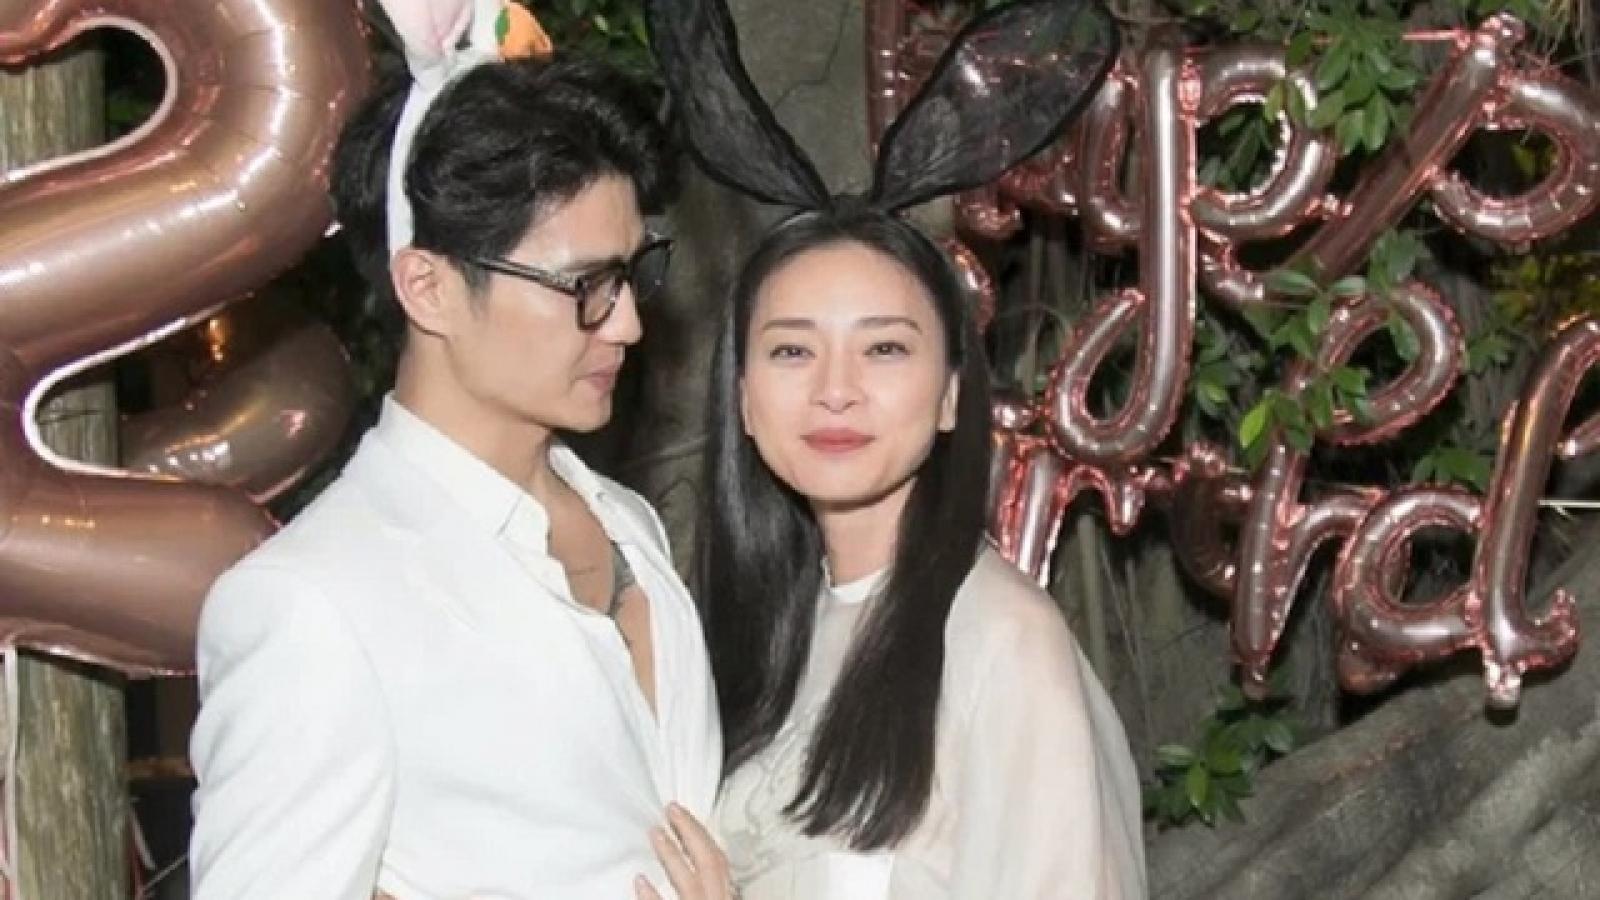 Chuyện showbiz: Ngô Thanh Vân xác nhận đang hẹn hò tình trẻ Huy Trần